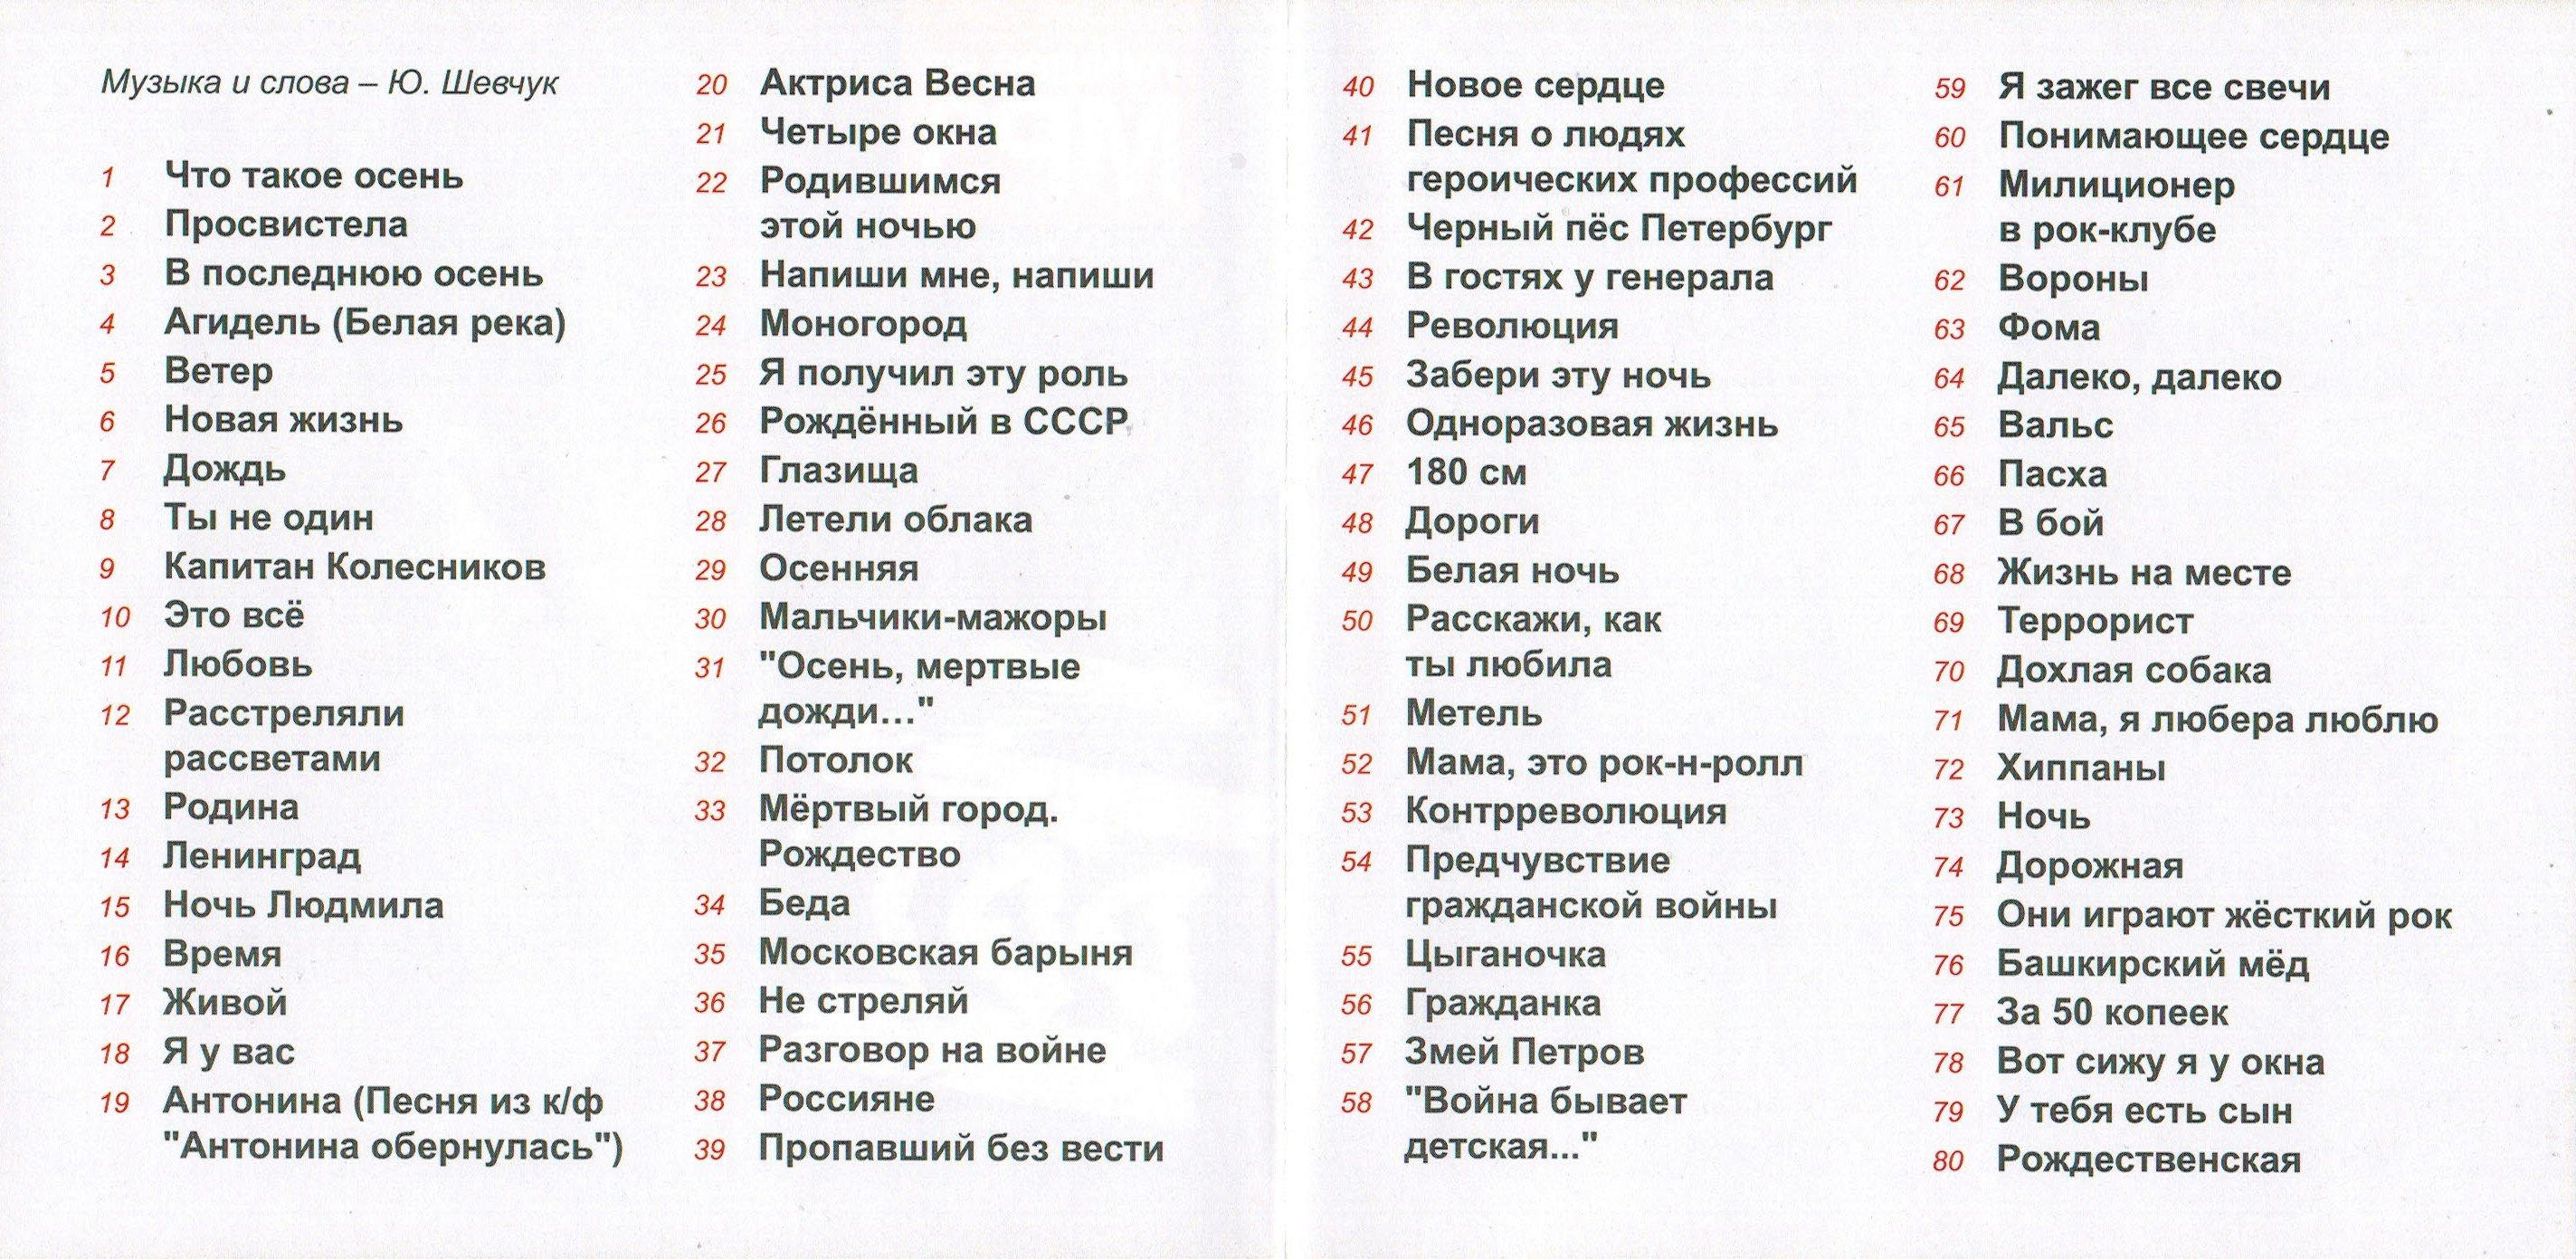 http://i5.imageban.ru/out/2014/10/25/66c91c27f9c4b0e0f4ae79b8f8b312f9.jpg